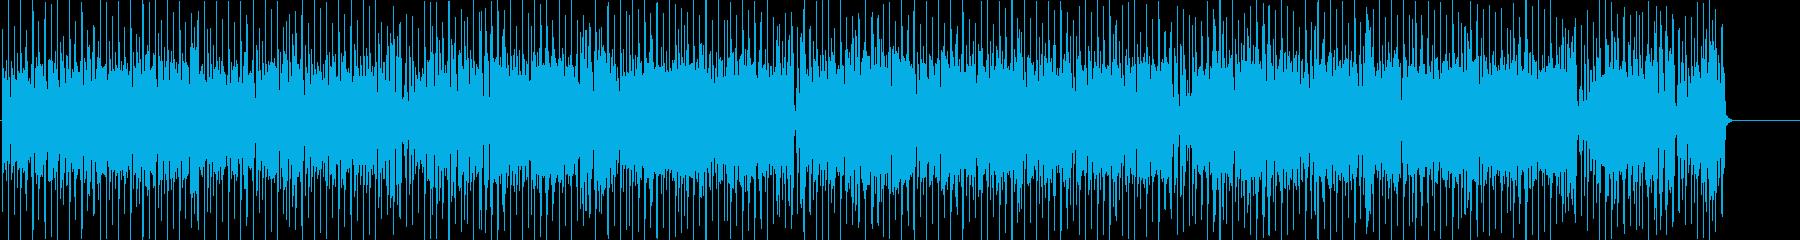 ファンク マジックショー おしゃれ 都会の再生済みの波形